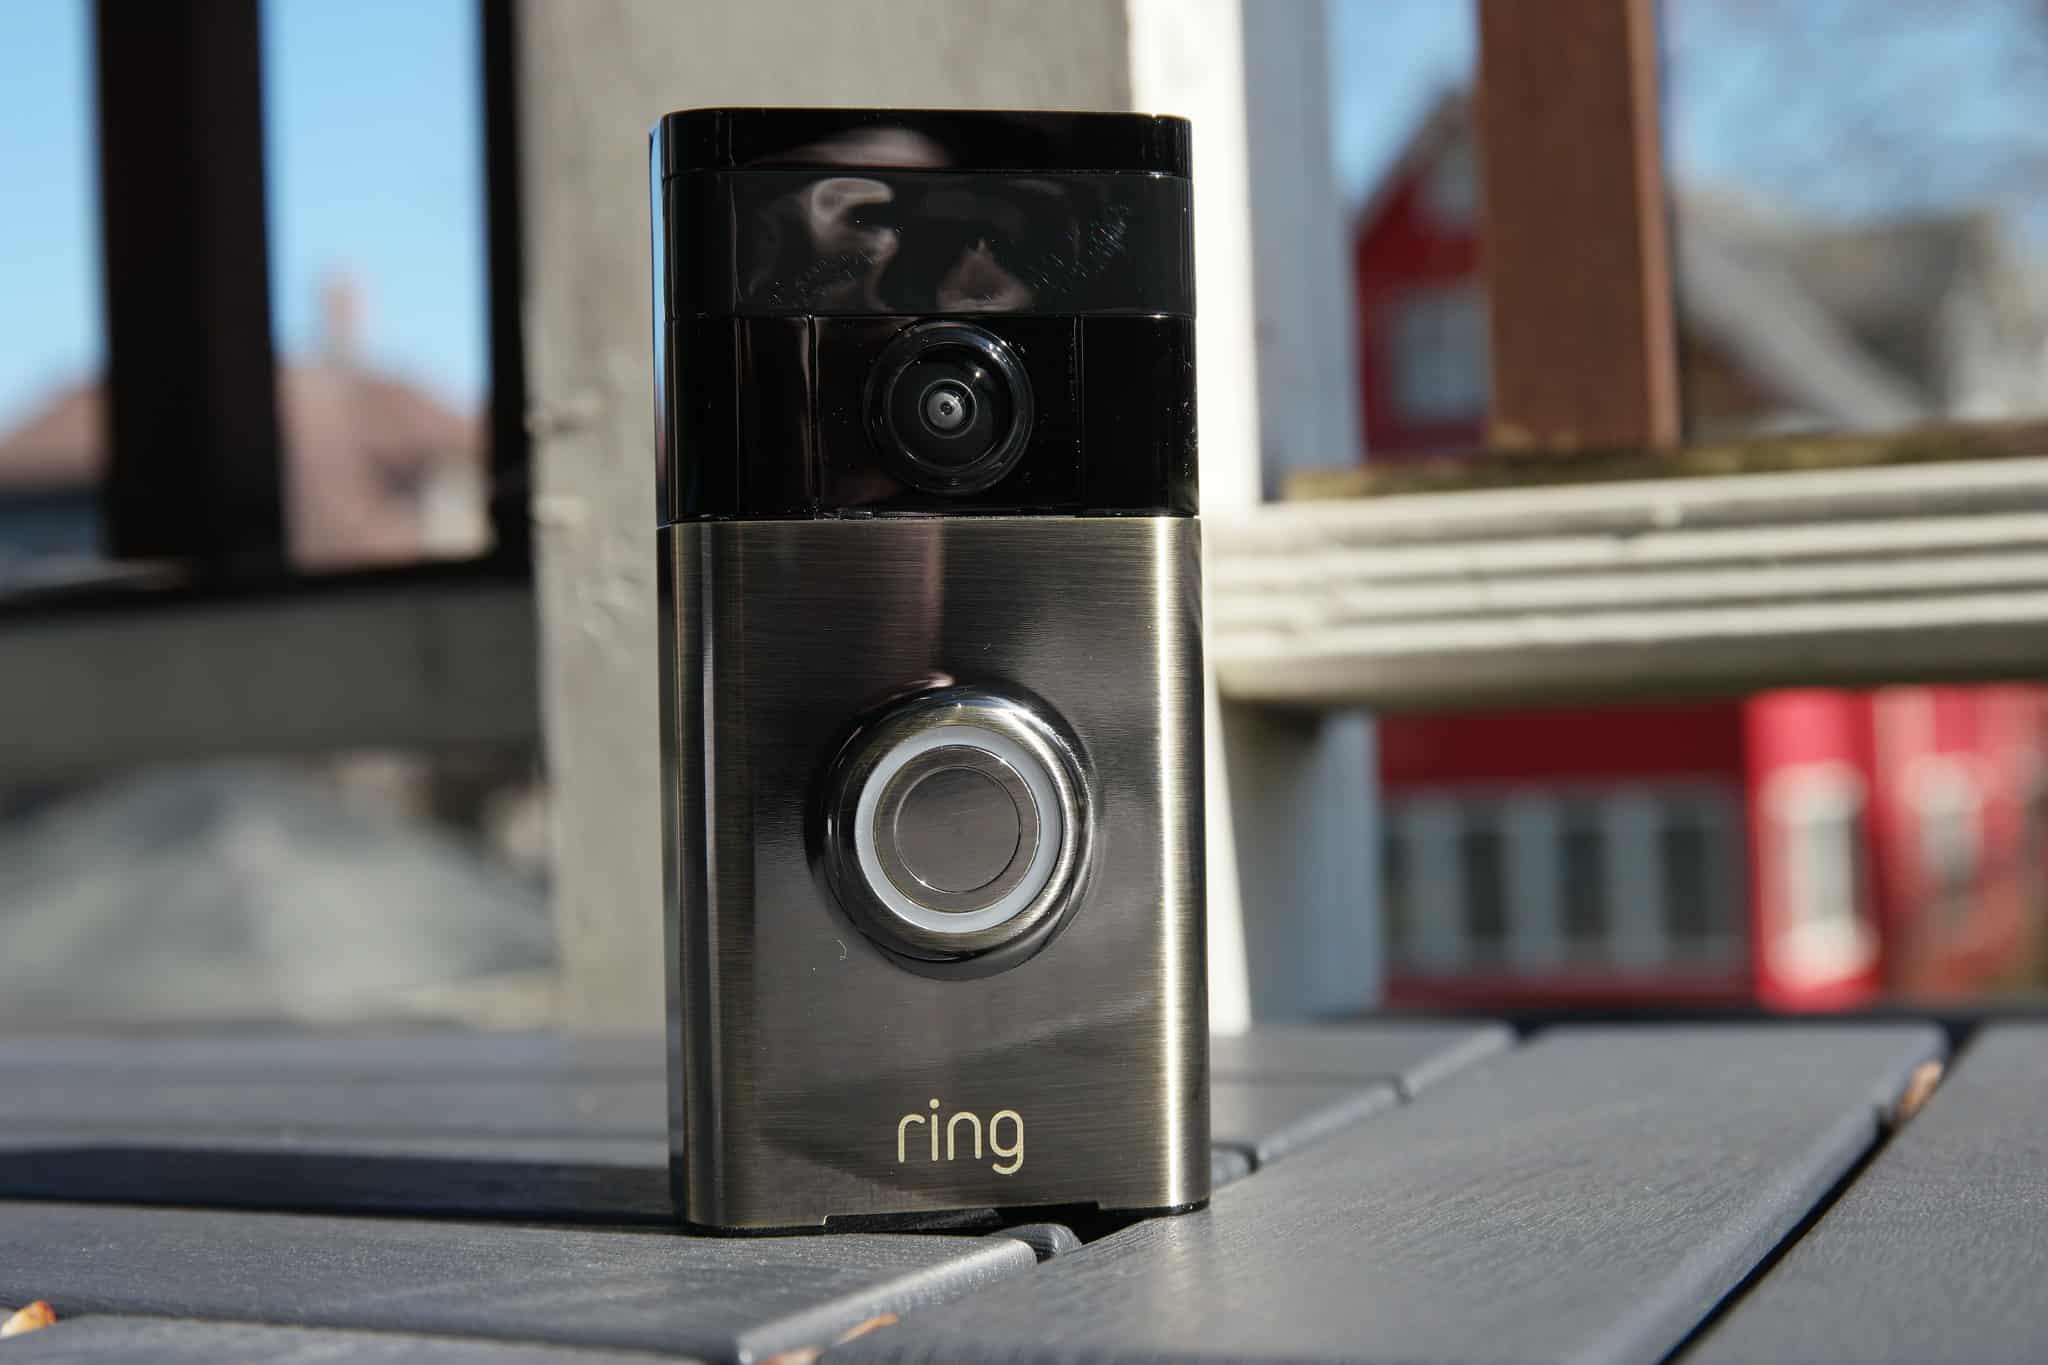 Türklingel mit Kamera: Test & Empfehlungen (01/20)